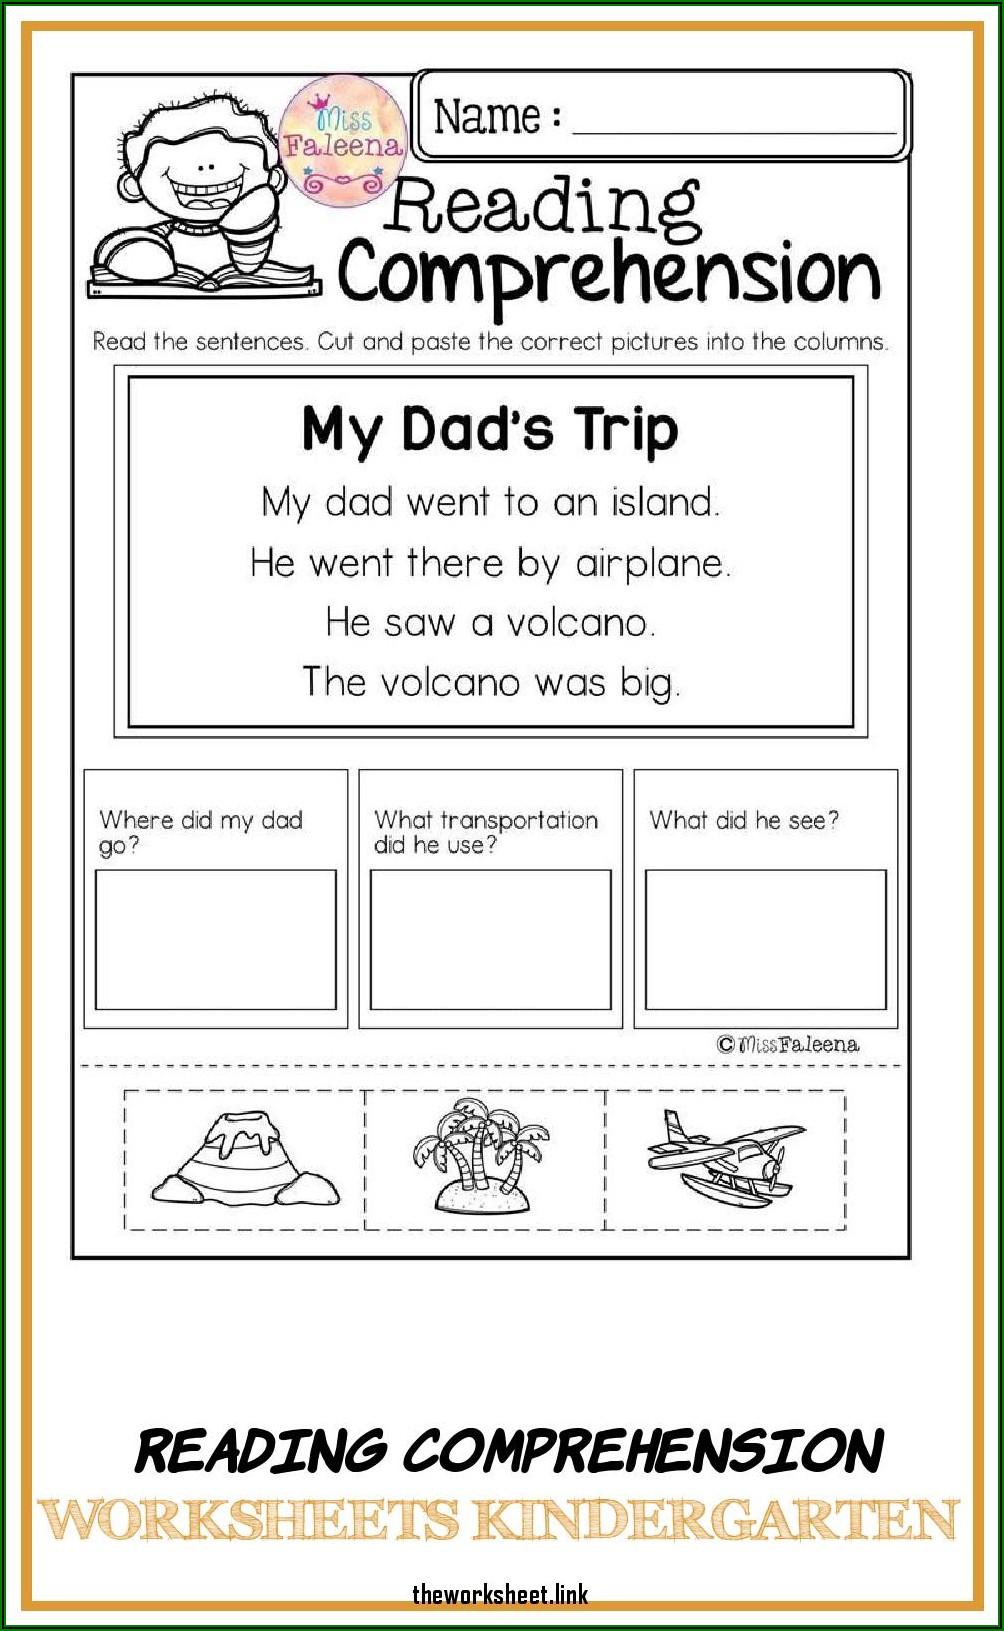 Worksheets For Kindergarten Reading